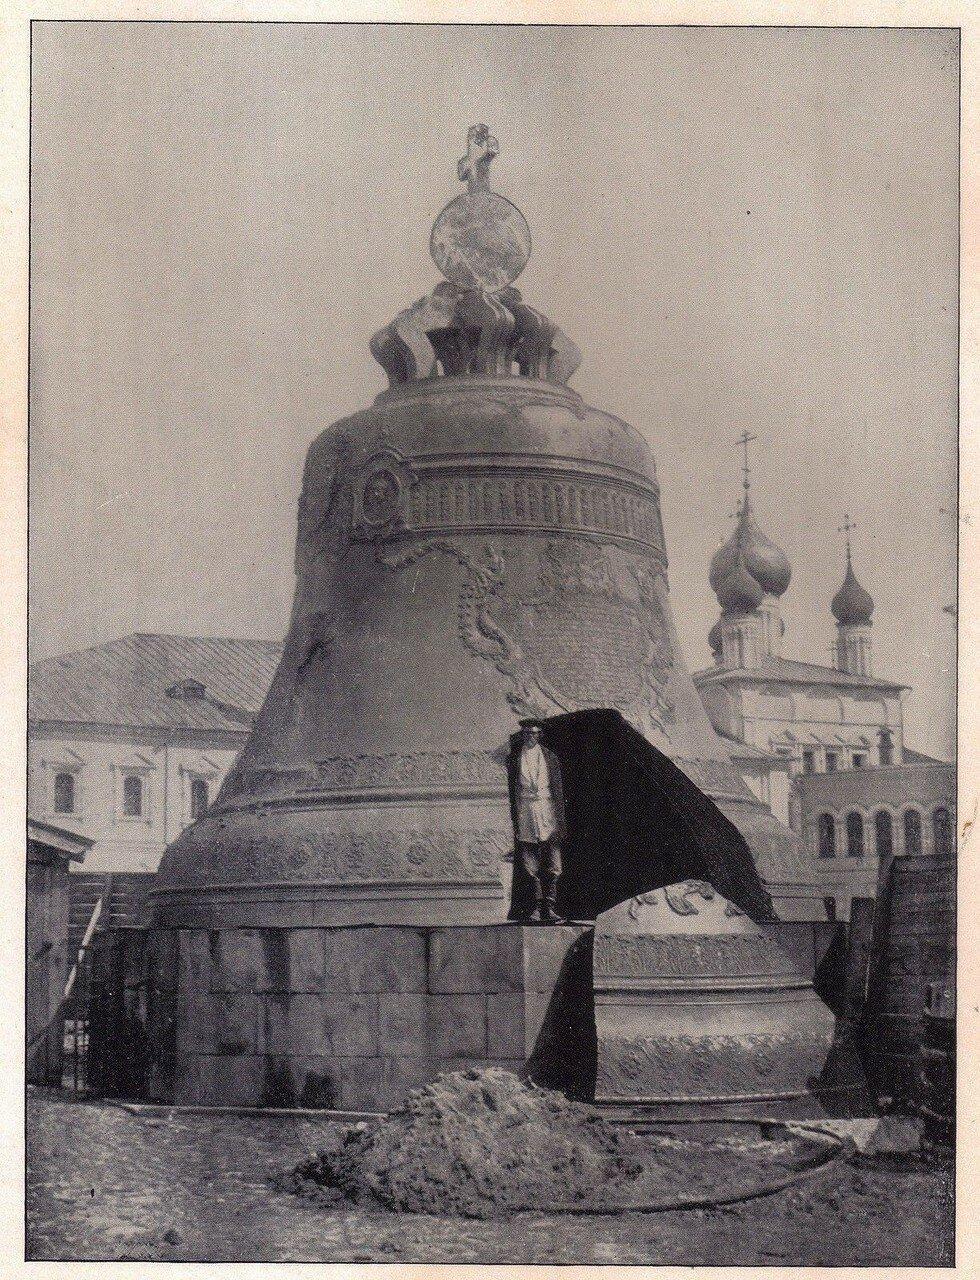 695. Кремль. Царь Колокол. 1891